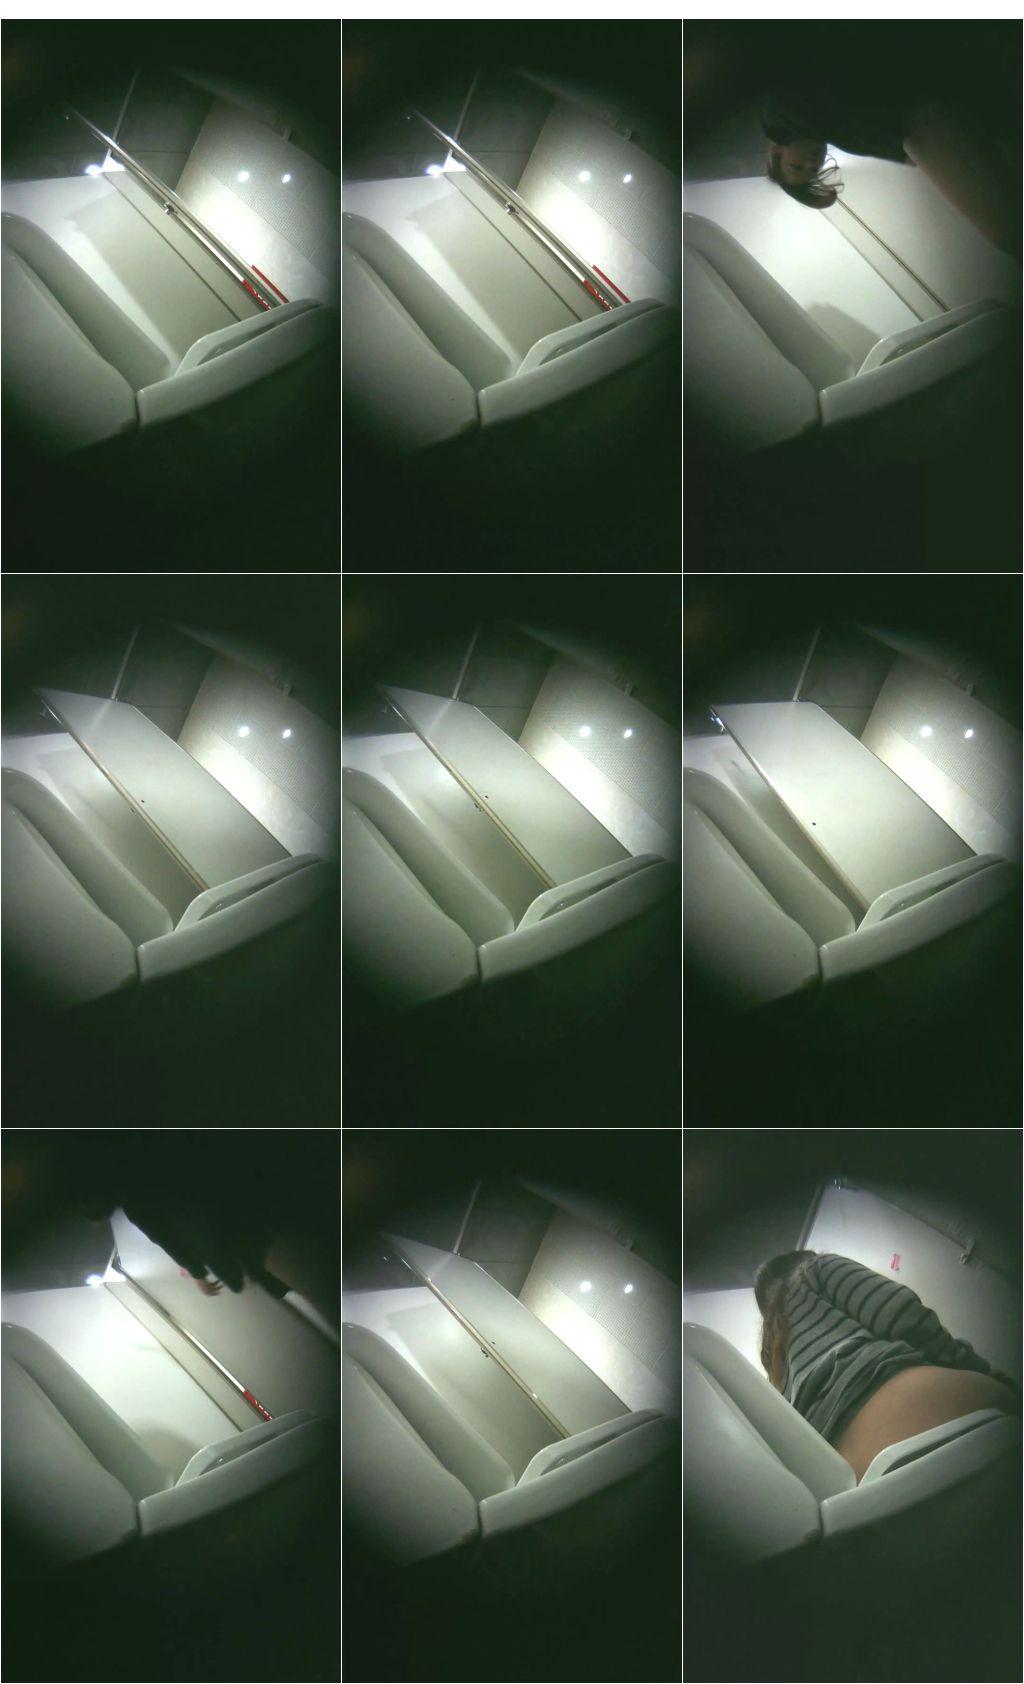 http://amazing-av.com/IMG/Korean_woman_toilet_2.jpeg